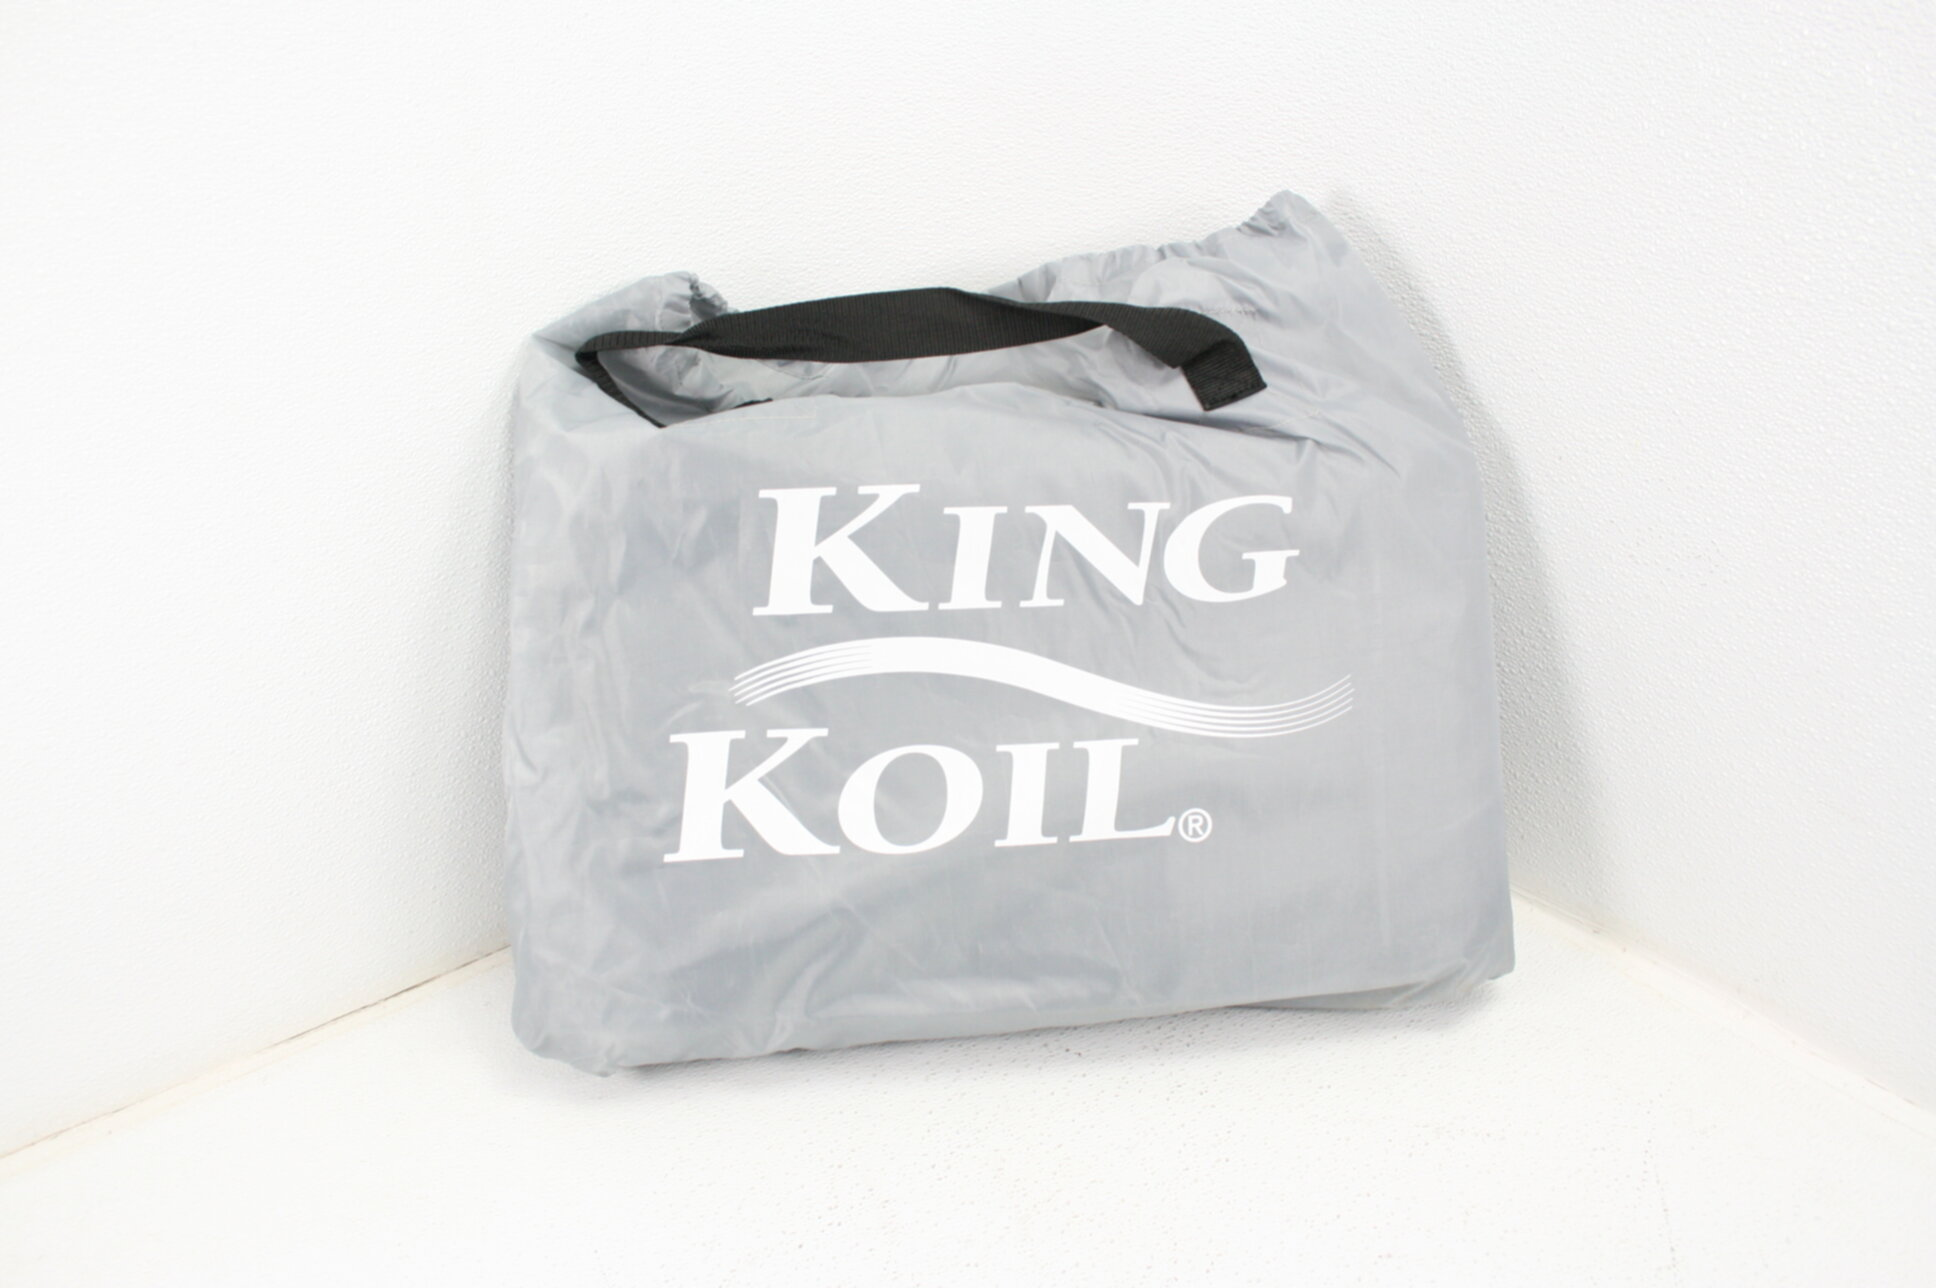 King Koil Queen Air Mattress Built in Pump Queen Size ...